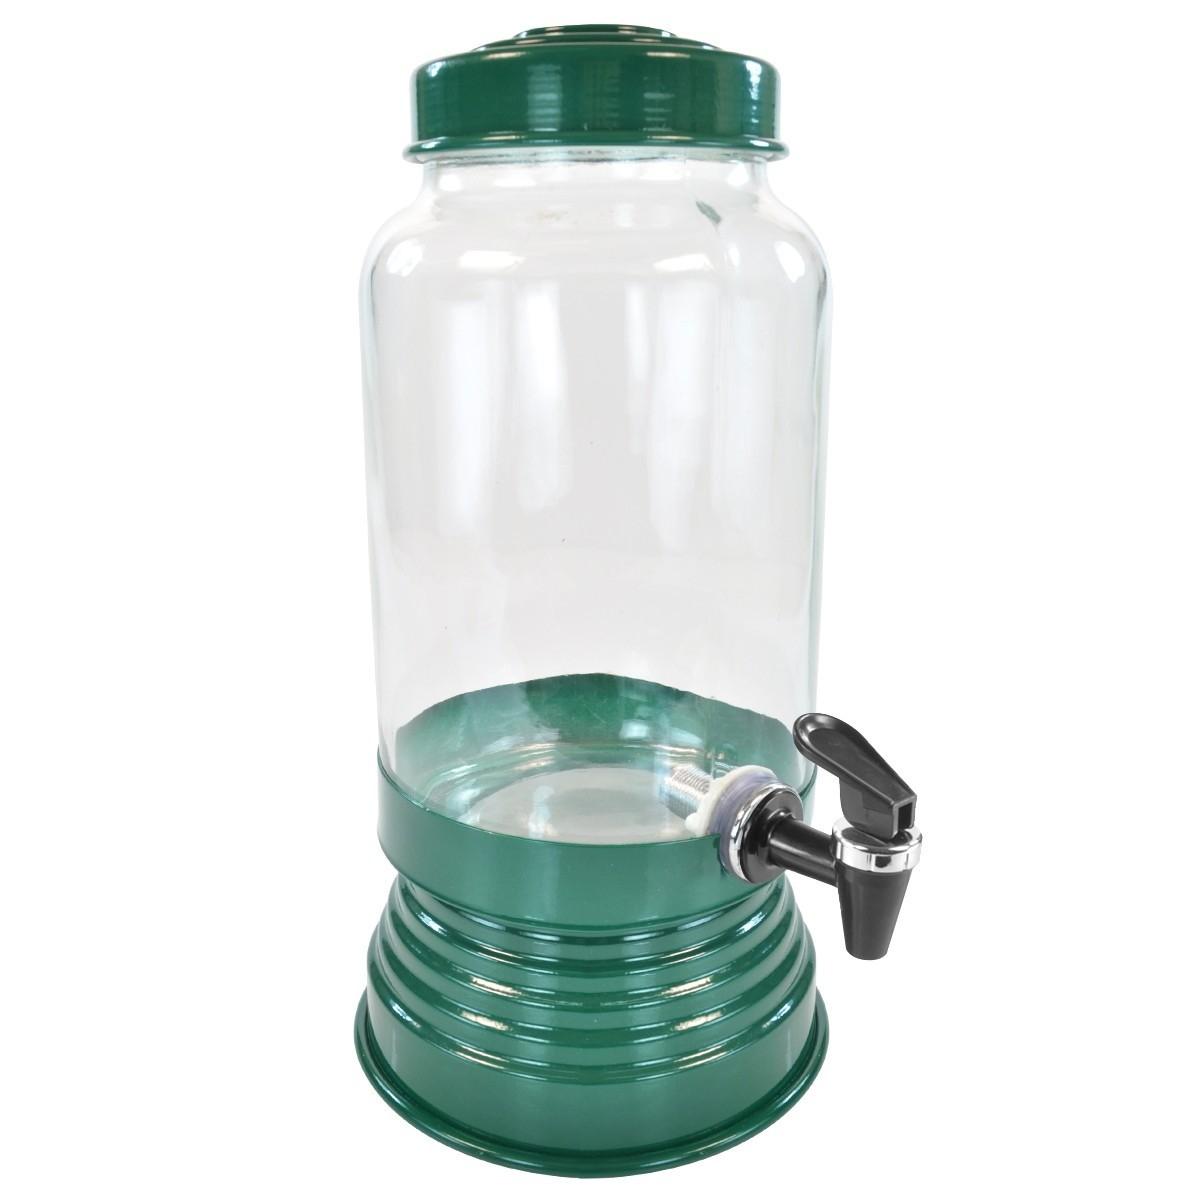 Suqueira de Vidro 3,250L - Verde Escuro